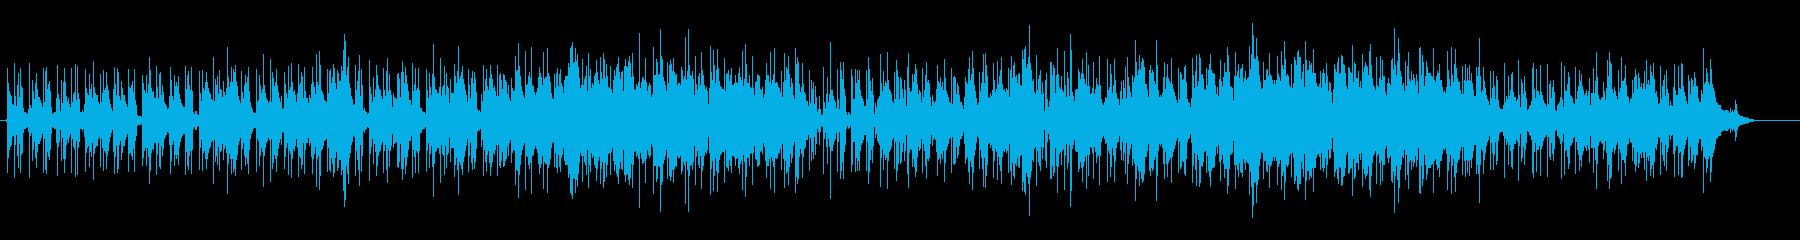 ピアノ・ソロにポイントを置いた曲の再生済みの波形